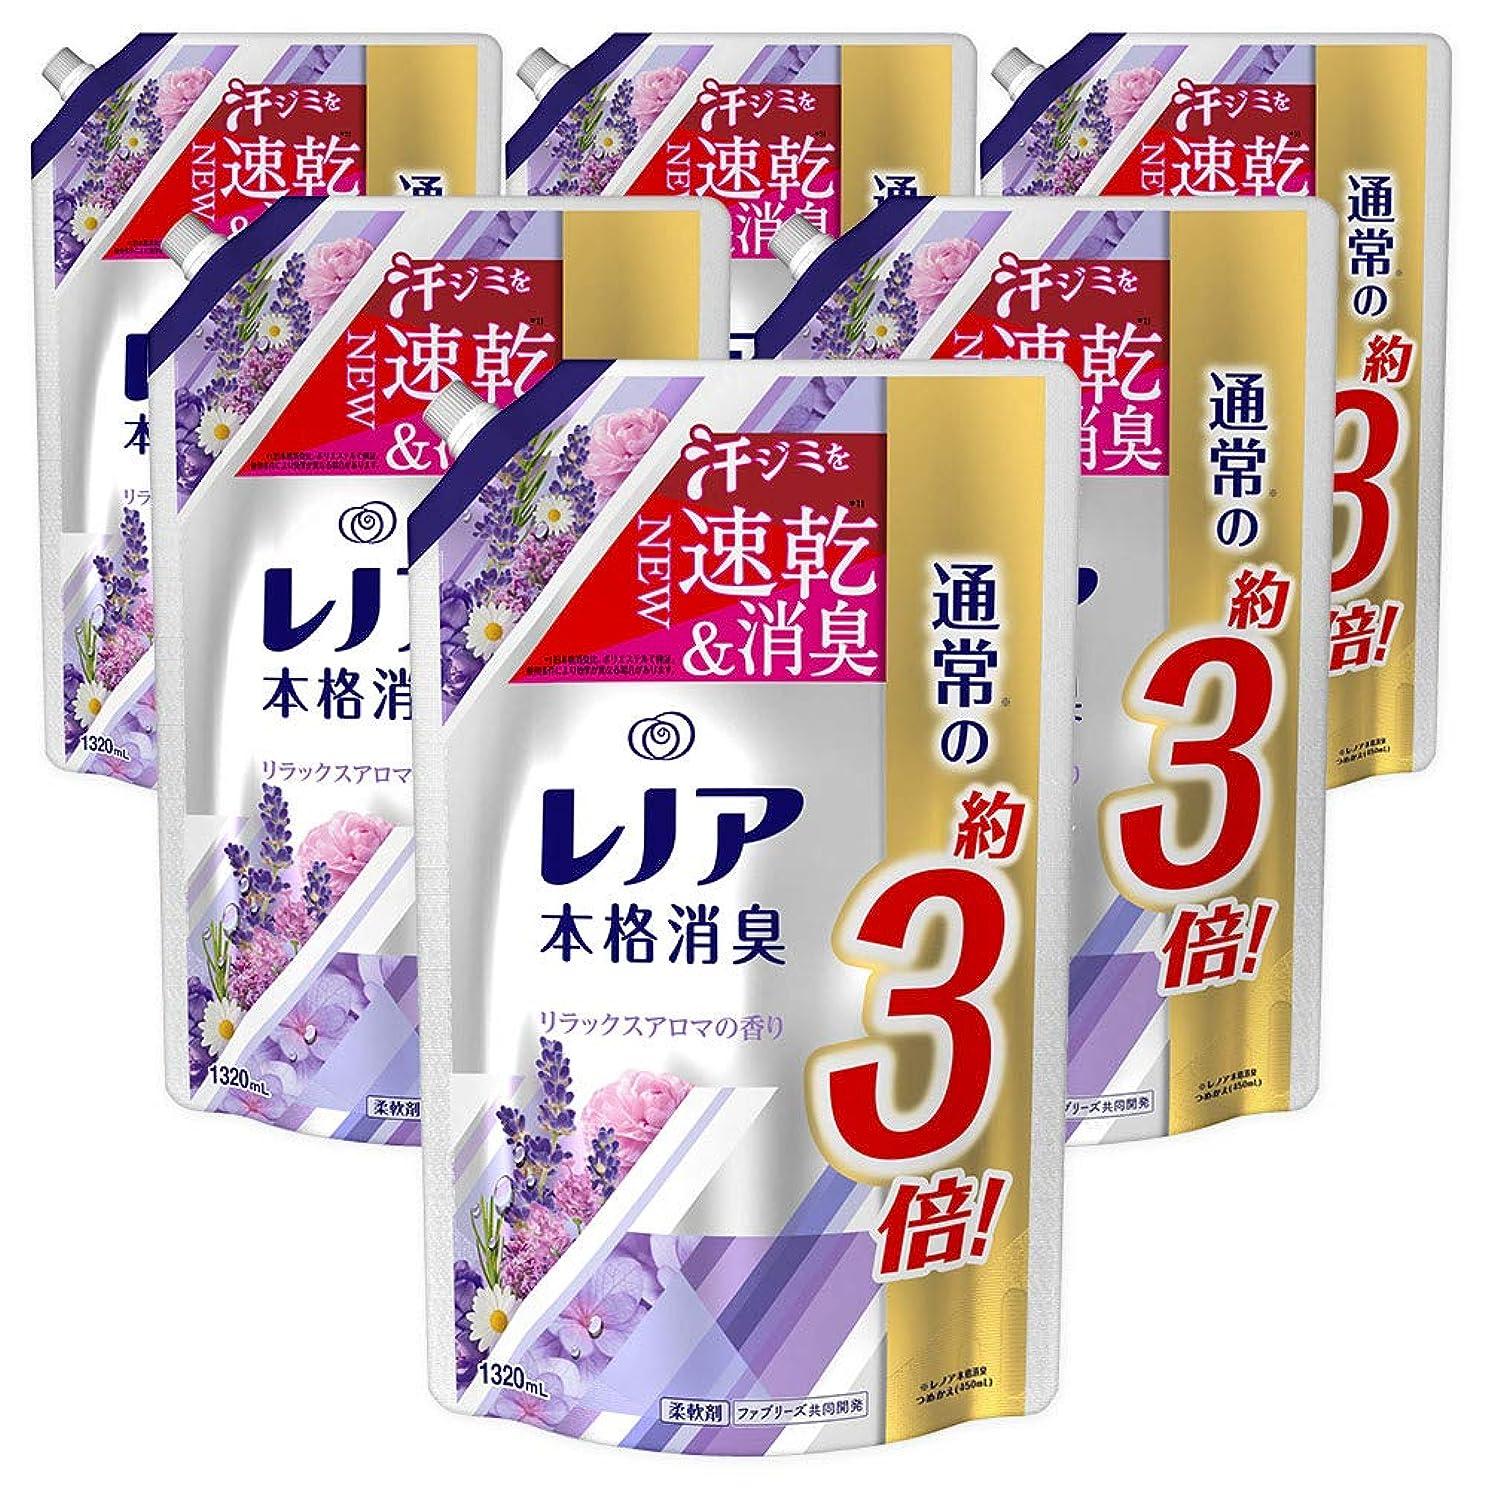 褒賞韻突き刺すレノア 本格消臭 柔軟剤 リラックスアロマ 詰め替え 約3倍(1320mL)×6袋